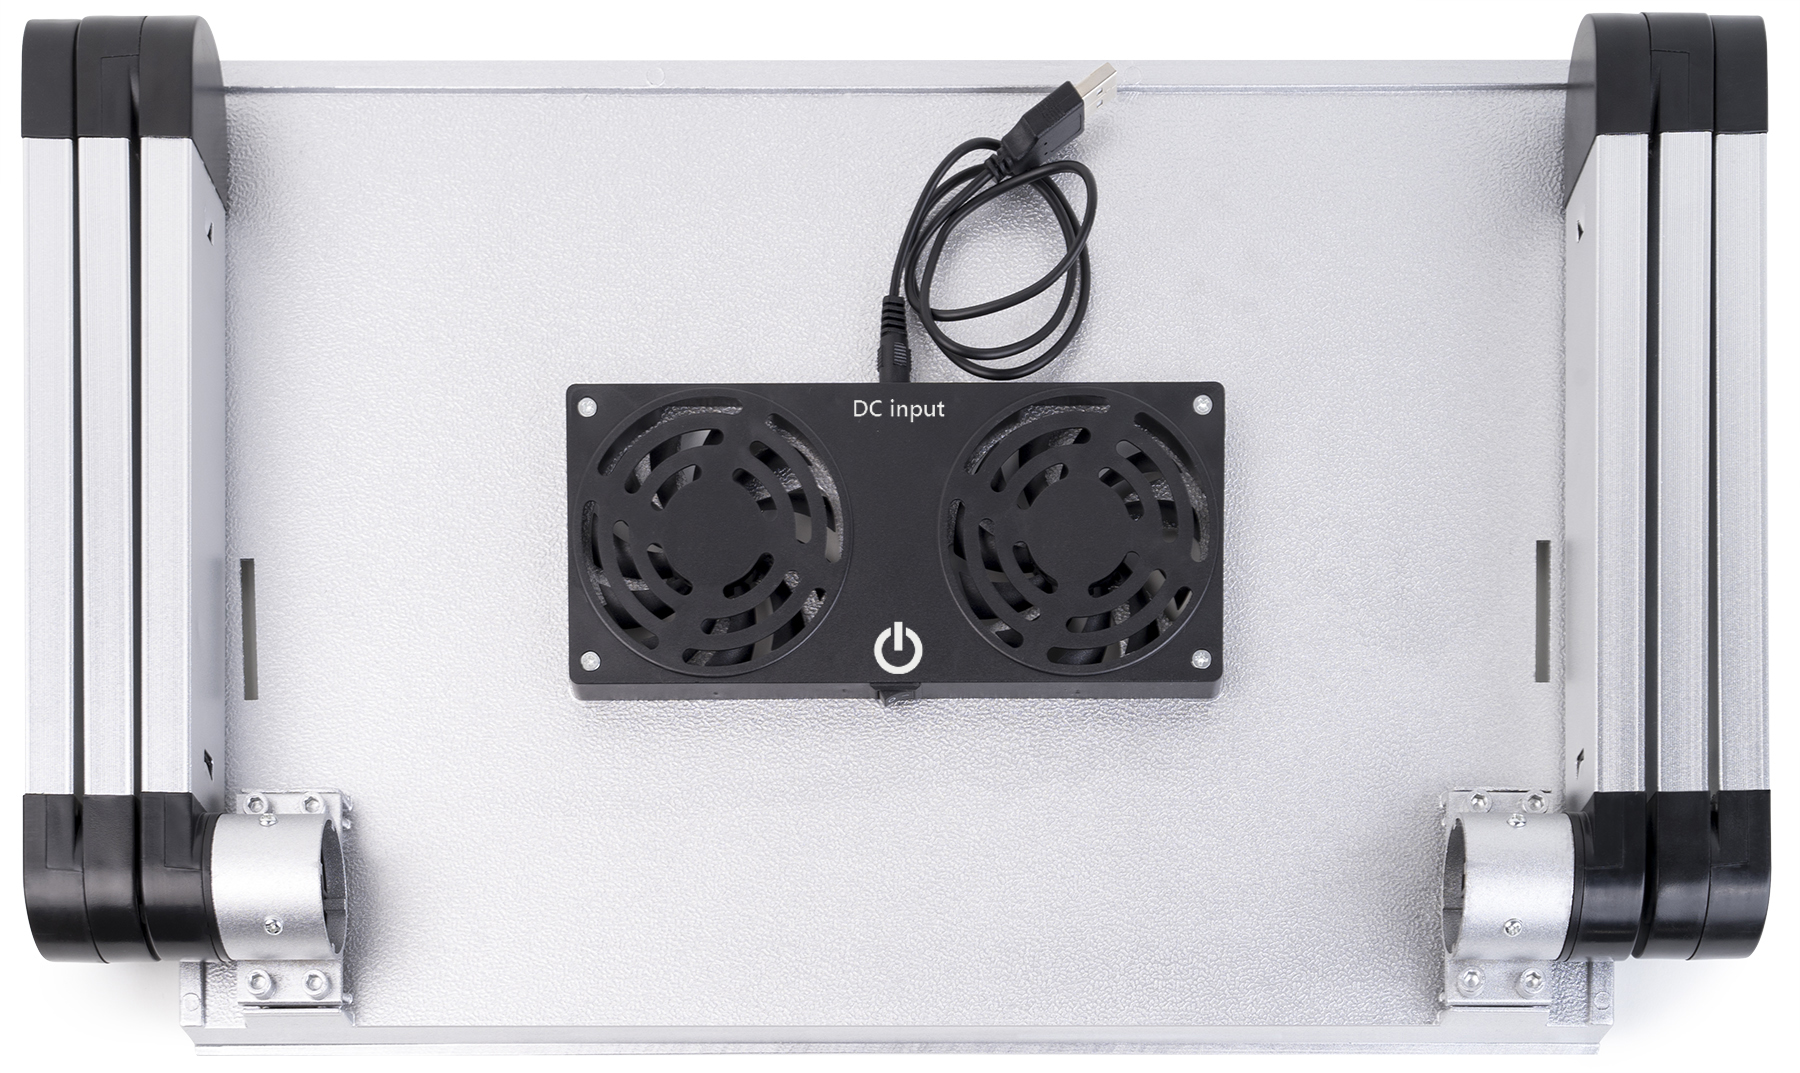 lavolta notebook laptop st nder tisch k hler 2x l fter silber. Black Bedroom Furniture Sets. Home Design Ideas